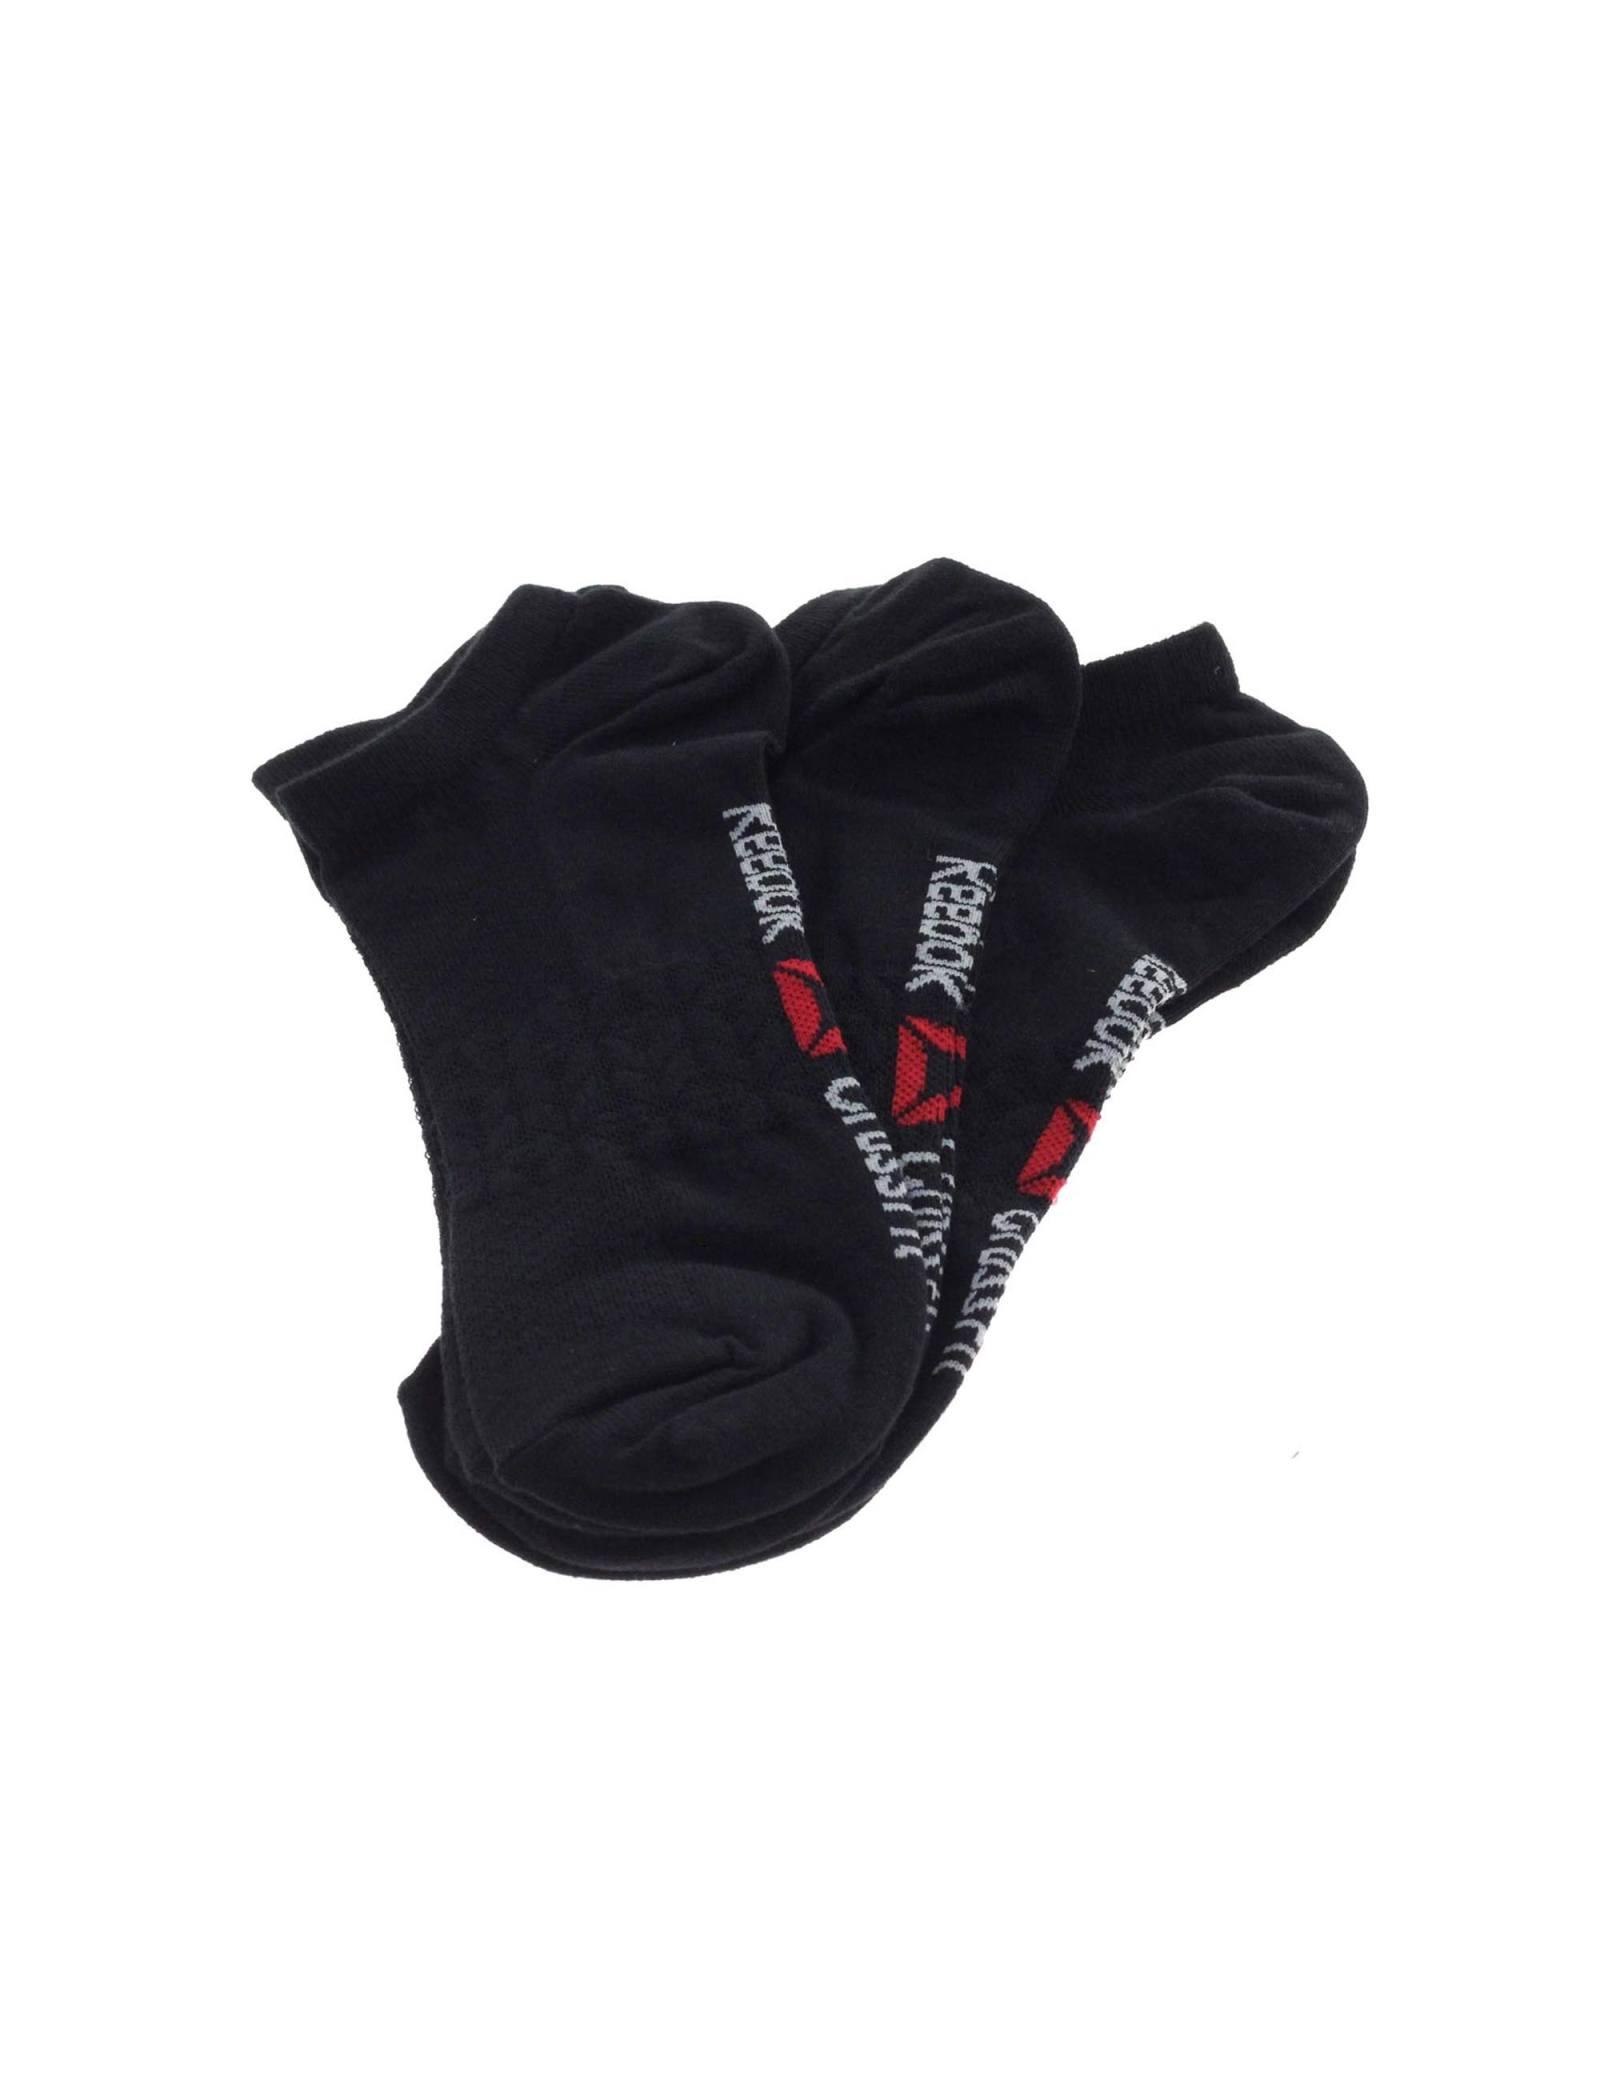 جوراب ورزشی بدون ساق مردانه بسته 3 عددی - ریباک - مشکي - 3